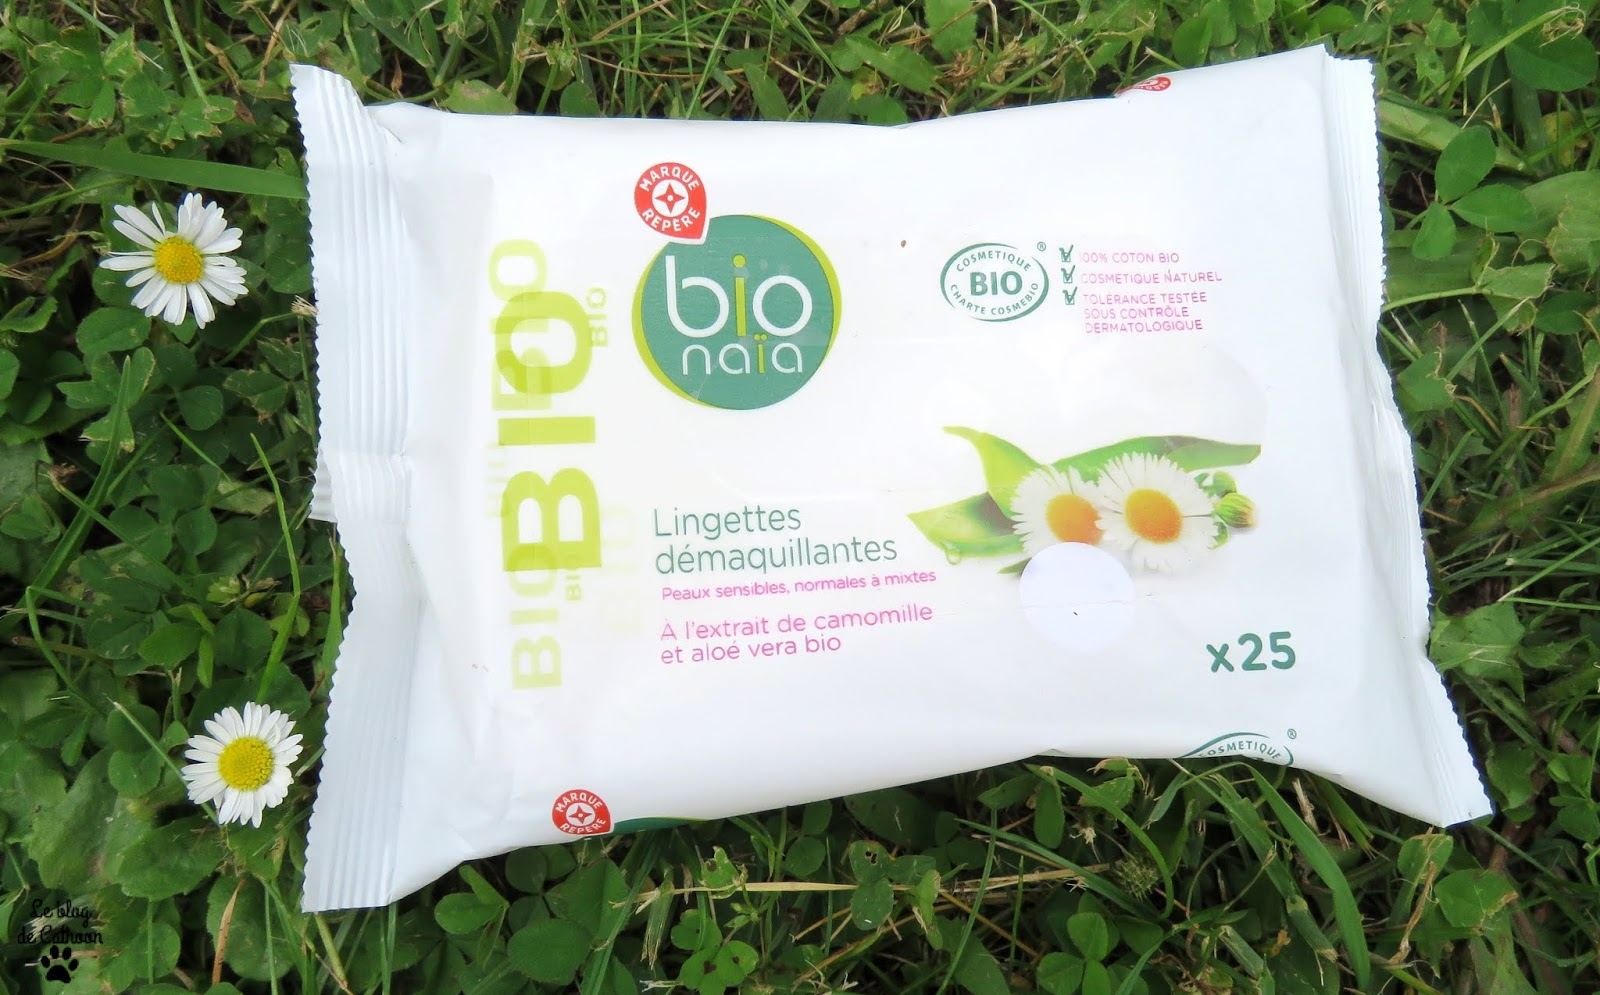 Lingettes démaquillantes Bio - Bio Naïa - Marque Repère Leclerc